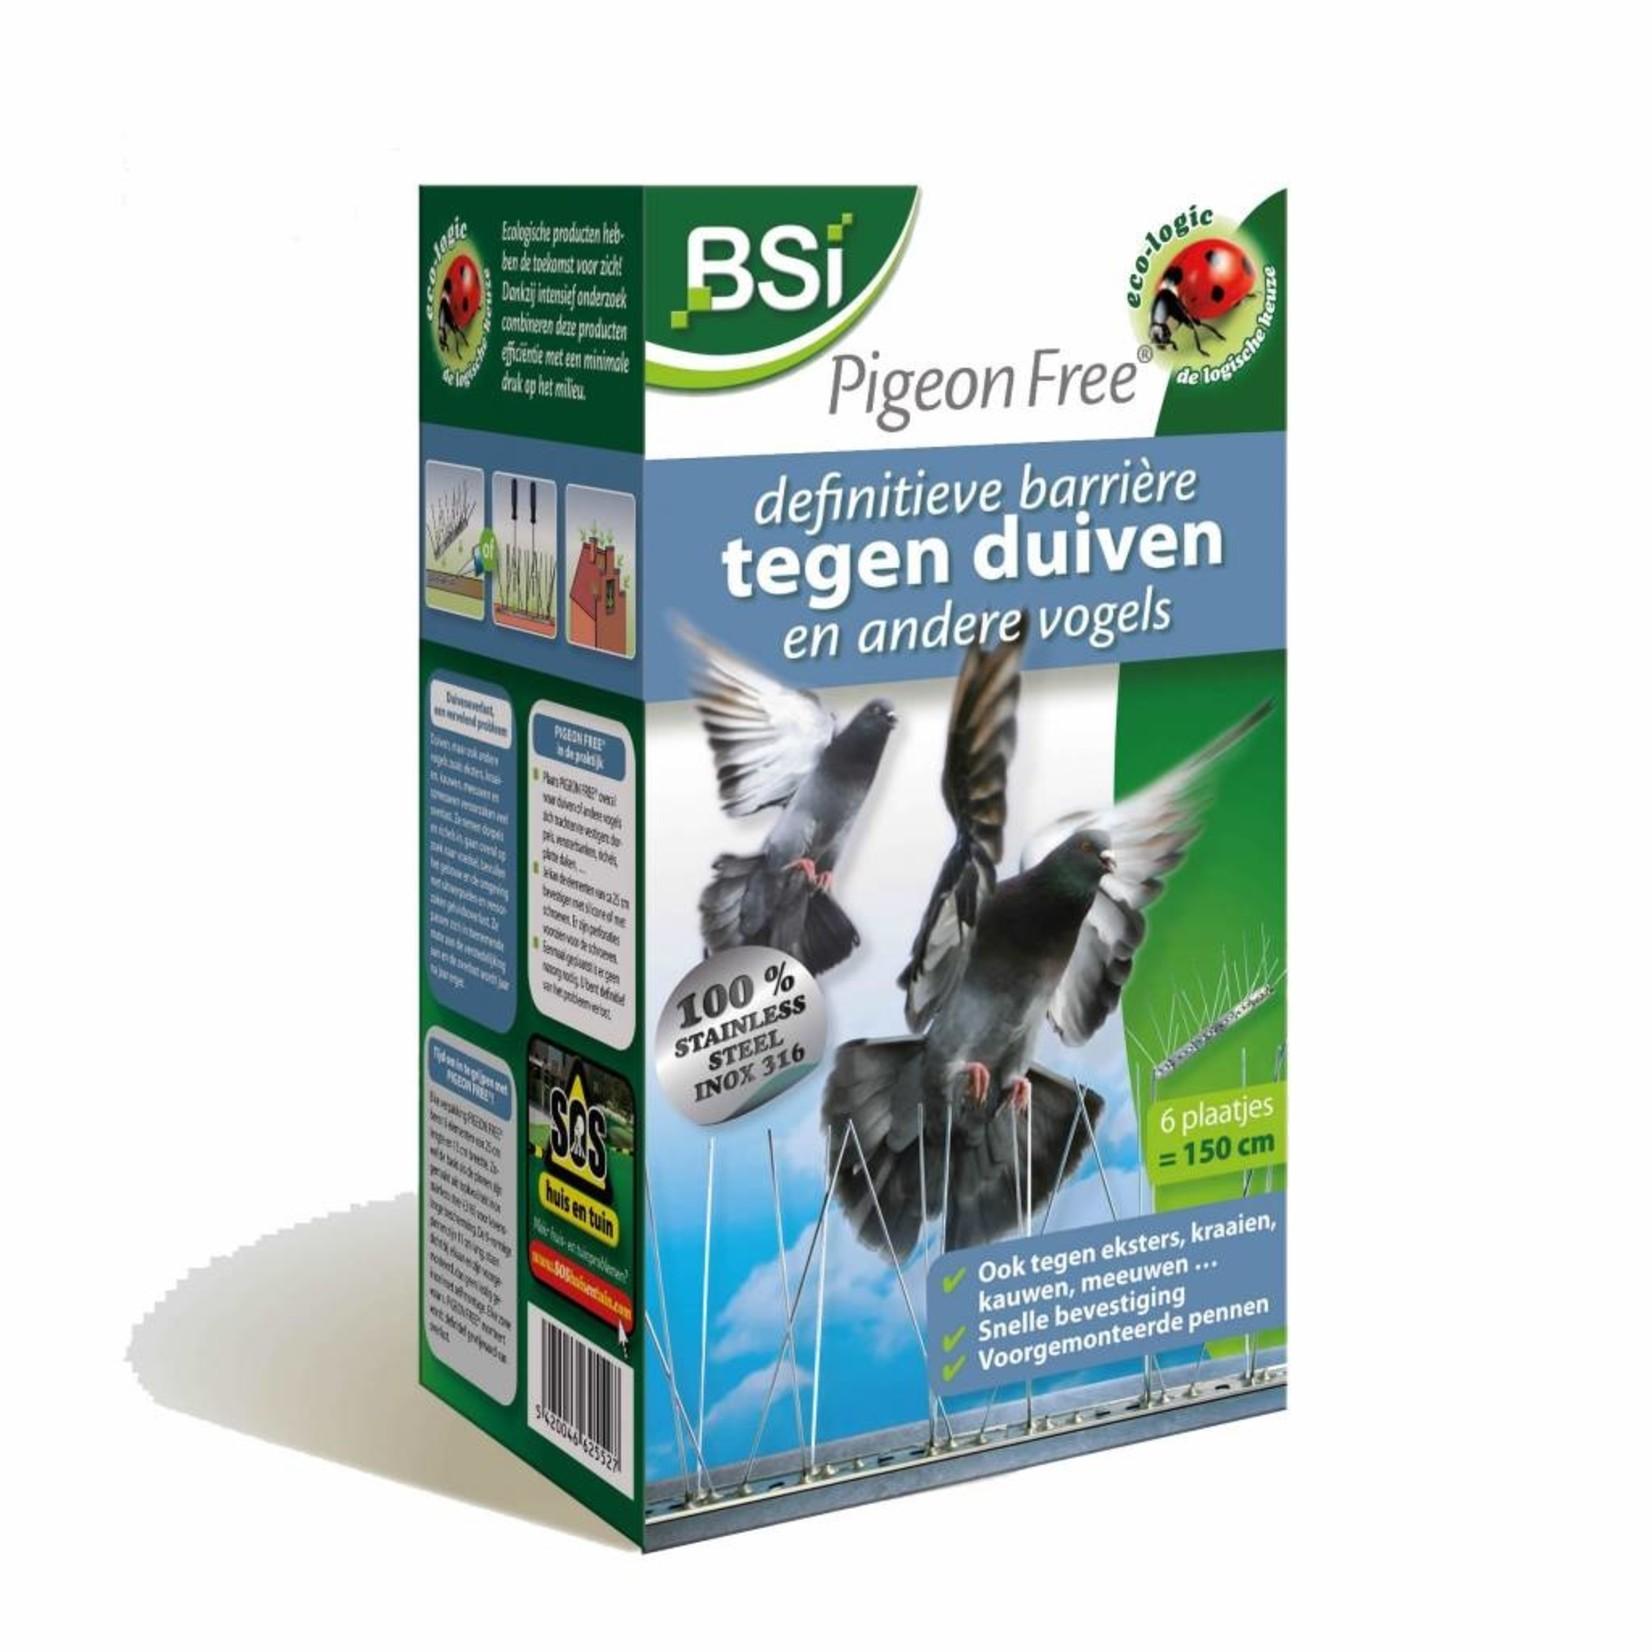 BSi Pigeon Free 6 elementen van 25 cm tegen gevogelte